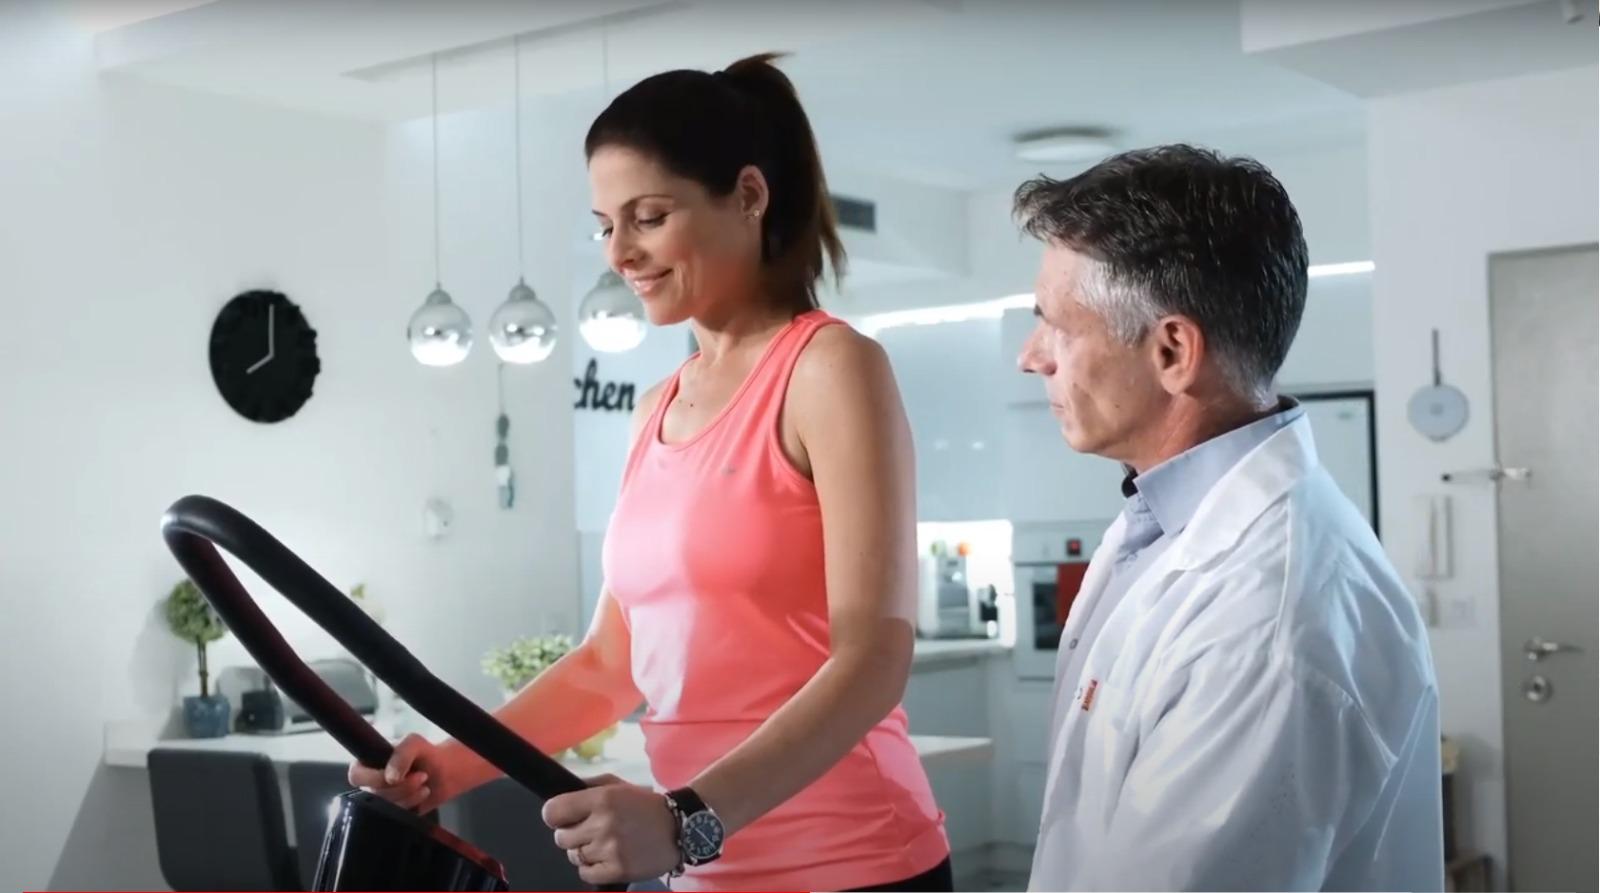 אישה מקבלת הדרכה על מכשיר אימון